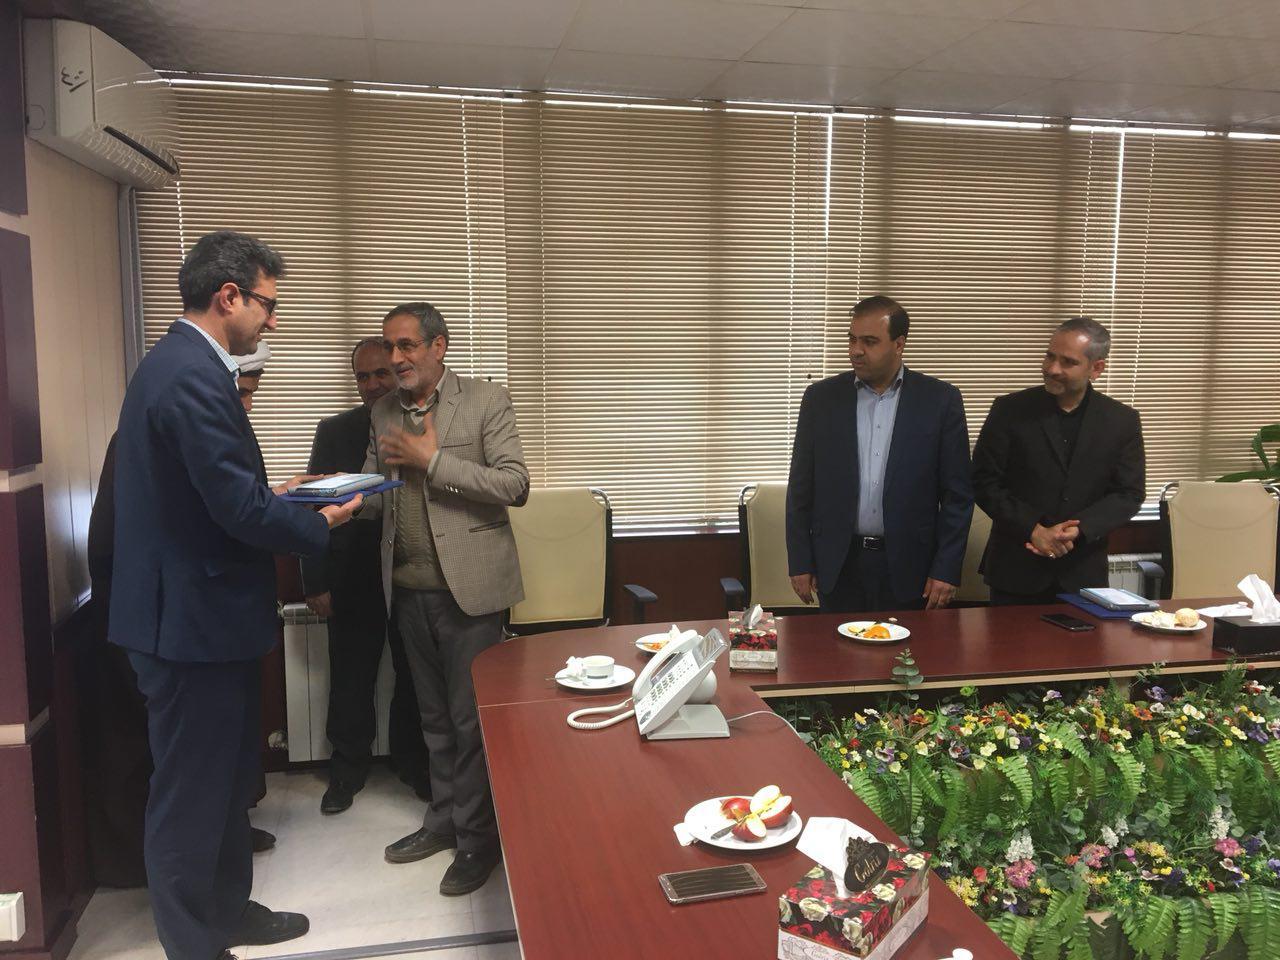 ارائه ۷۵۰ میلیارد ریال تسهیلات توسط بانک توسعه تعاون در کرمان